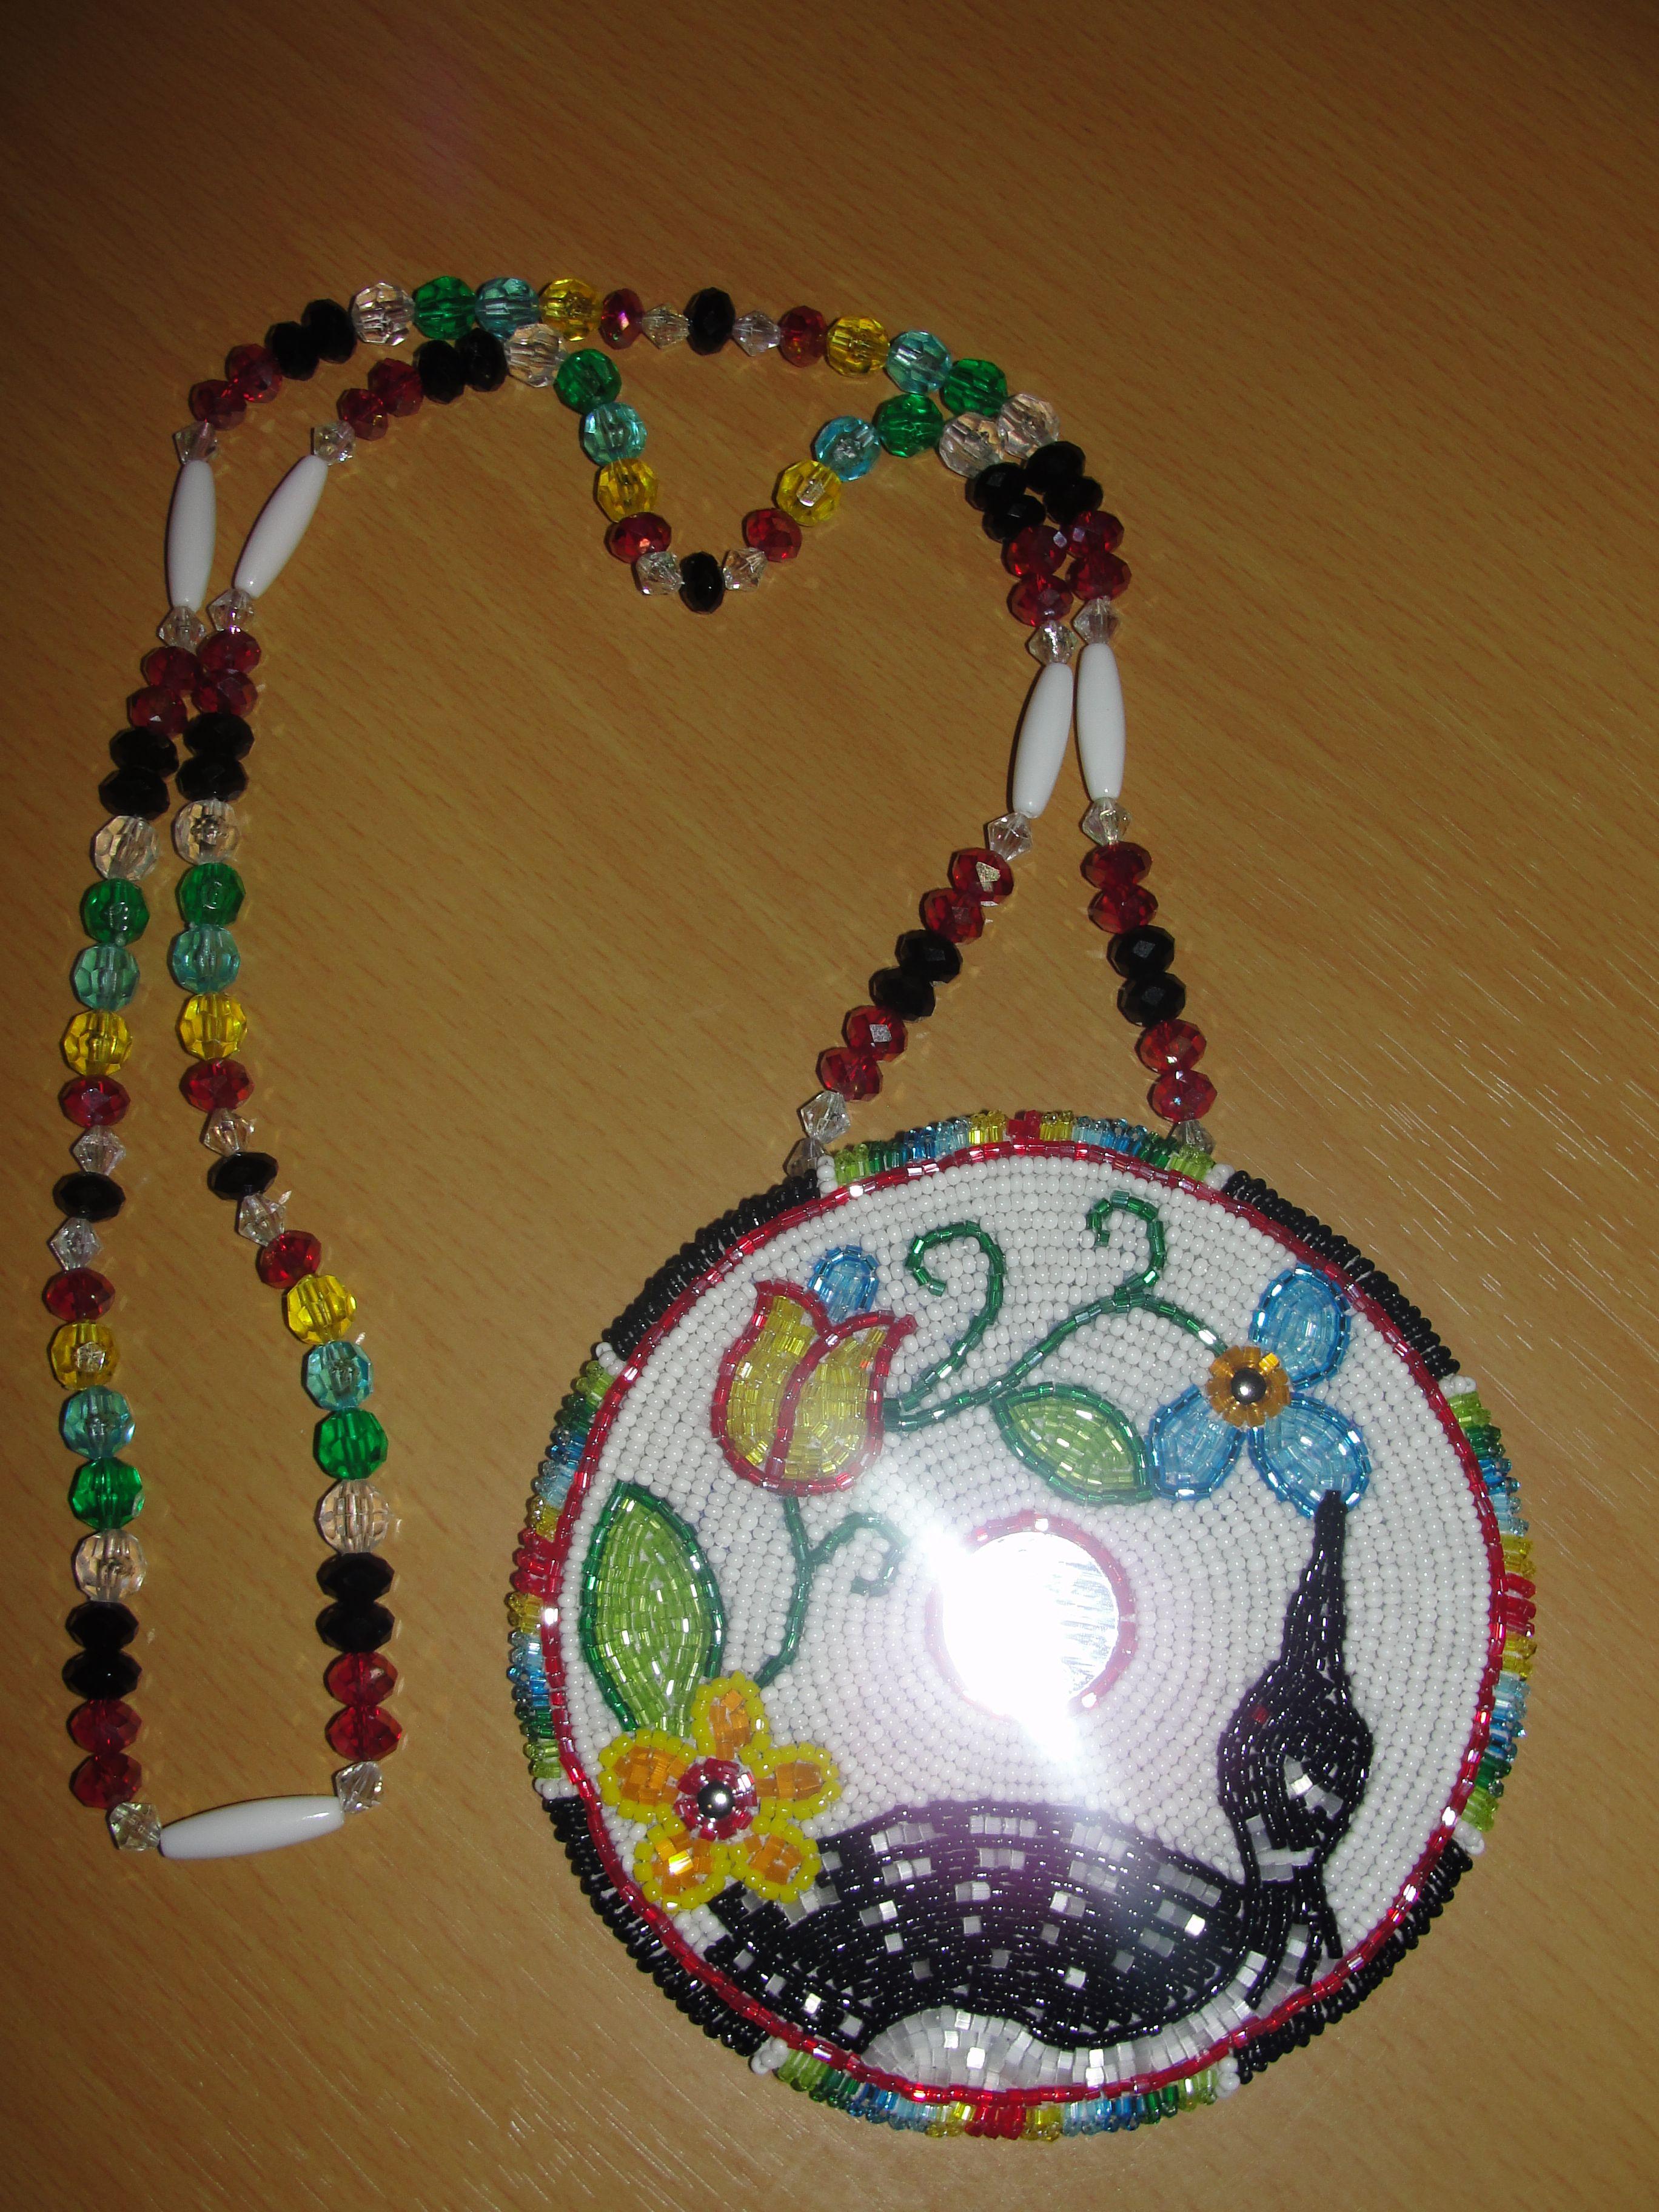 2c4bd0f8b traditional ojibwe floral designs | Ojibwe Floral Medallion by Denial616 on  DeviantArt